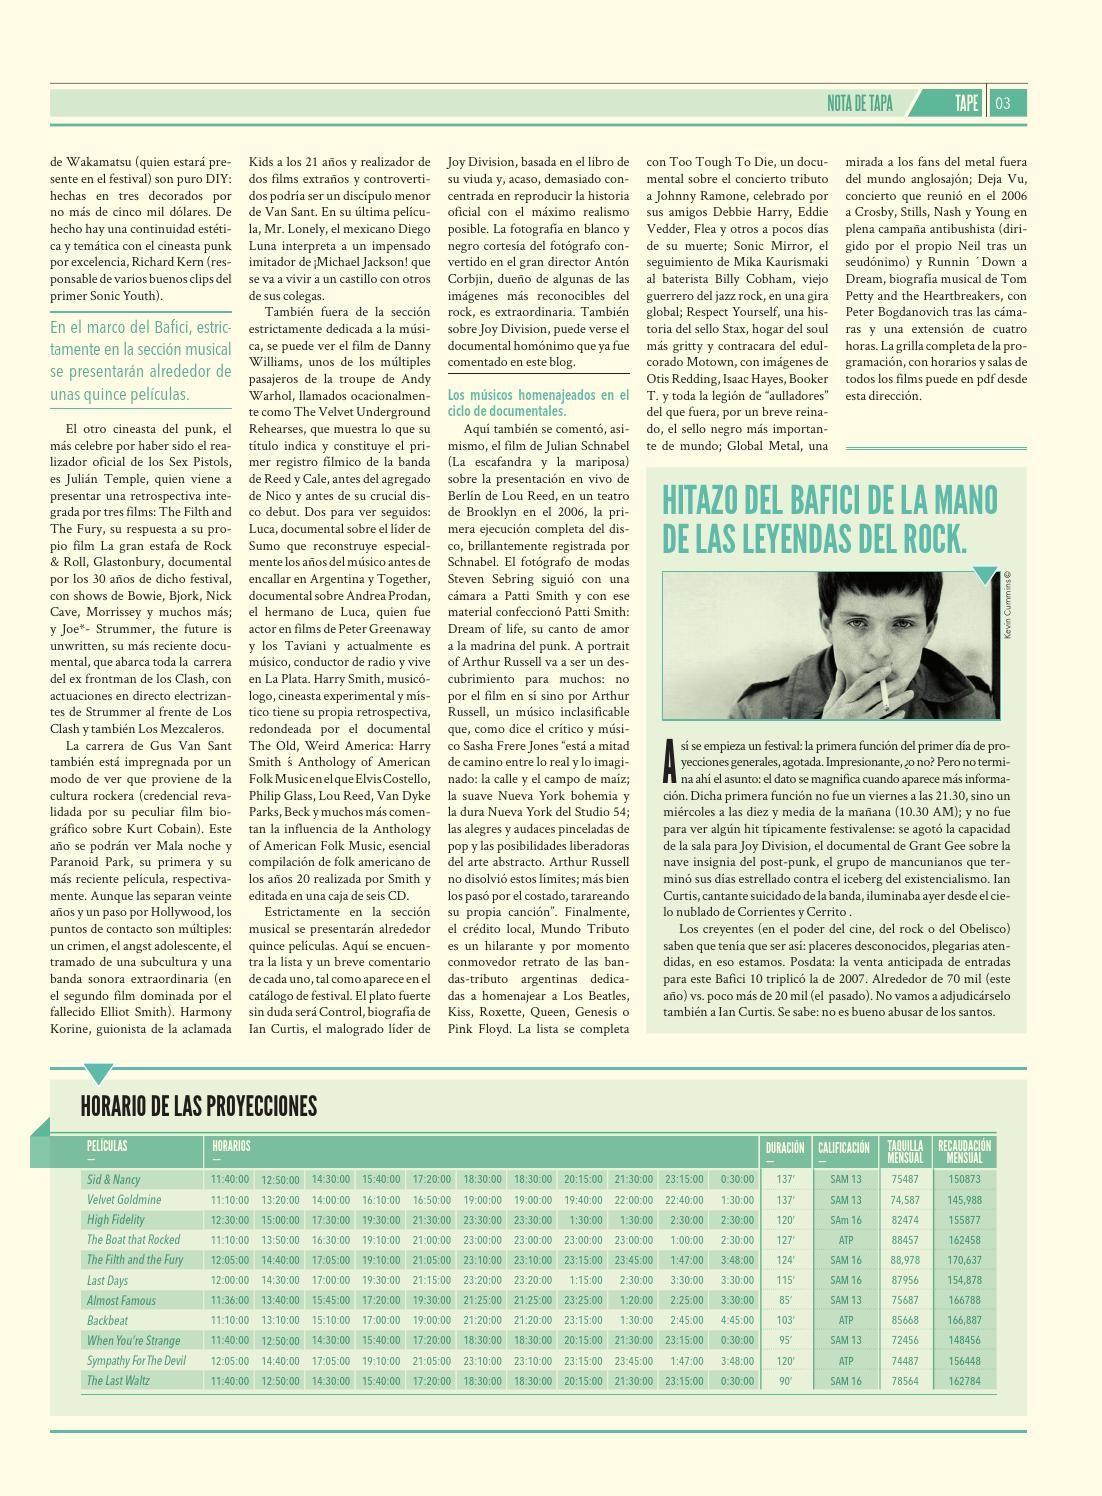 Edición periódica para Tipografía Cosgaya II - 2013  Facultad de Arquitectura, Diseño y Urbanismo (FADU - UBA)